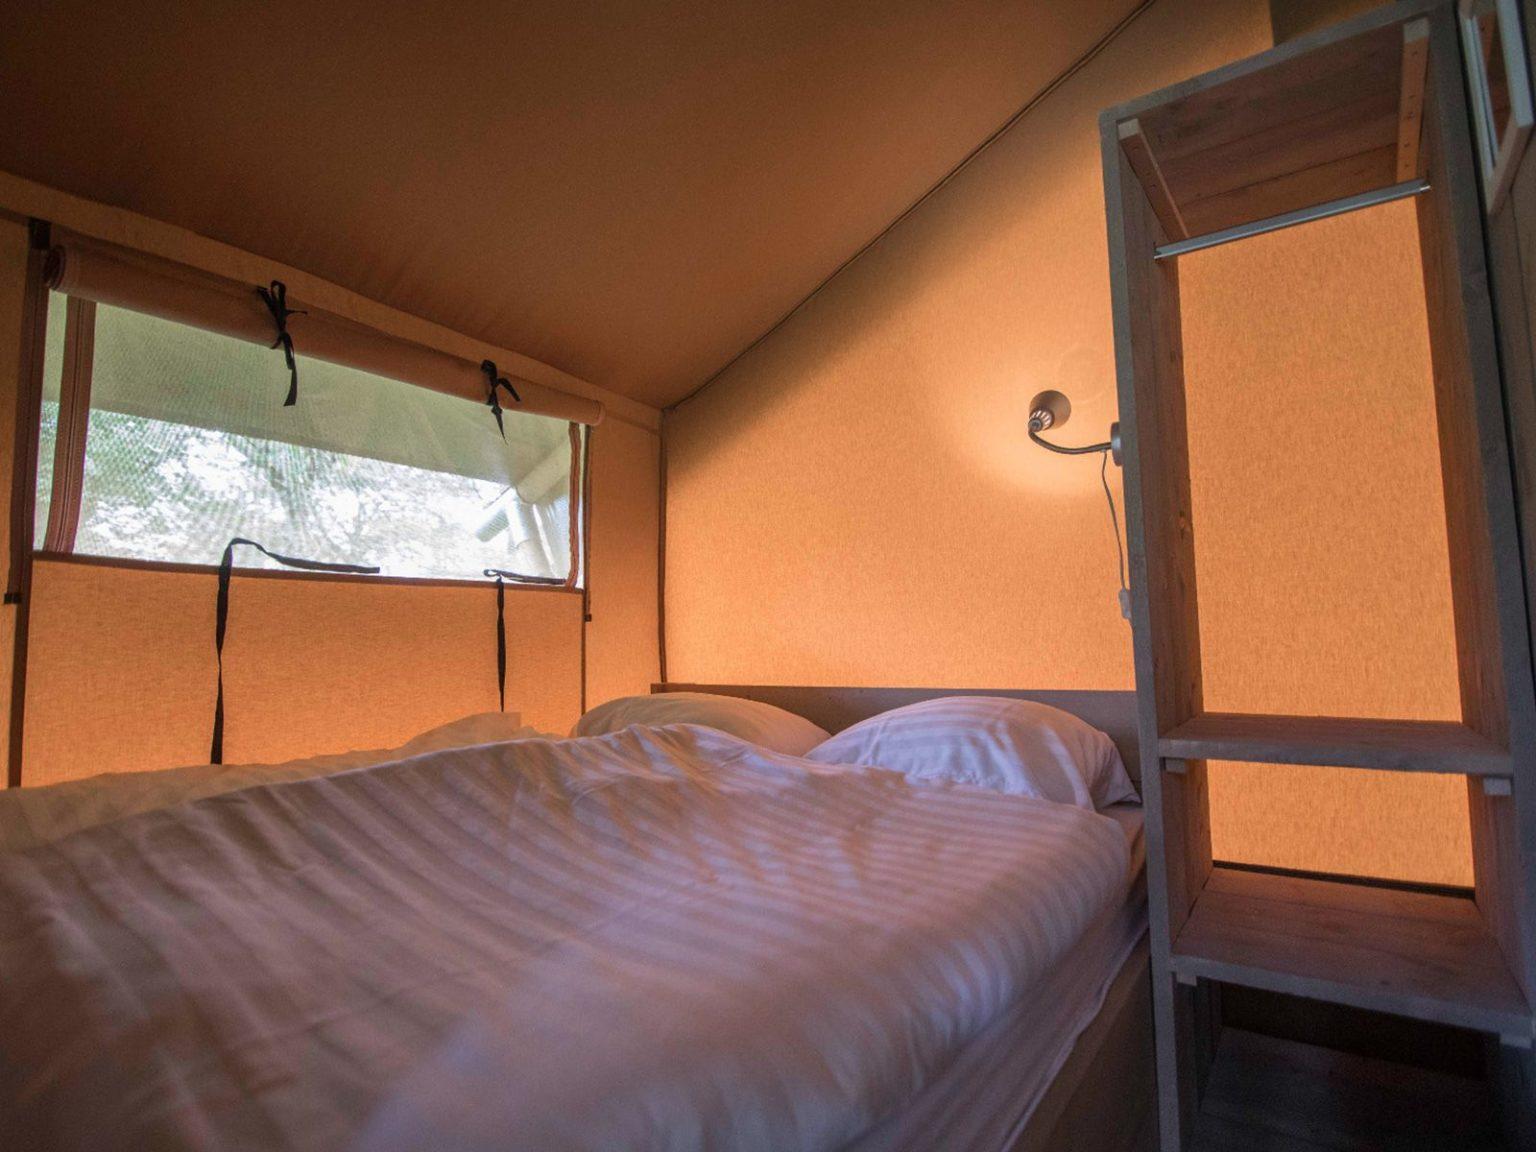 bij-groen-geluk-campingplaats-campingtent-11_result